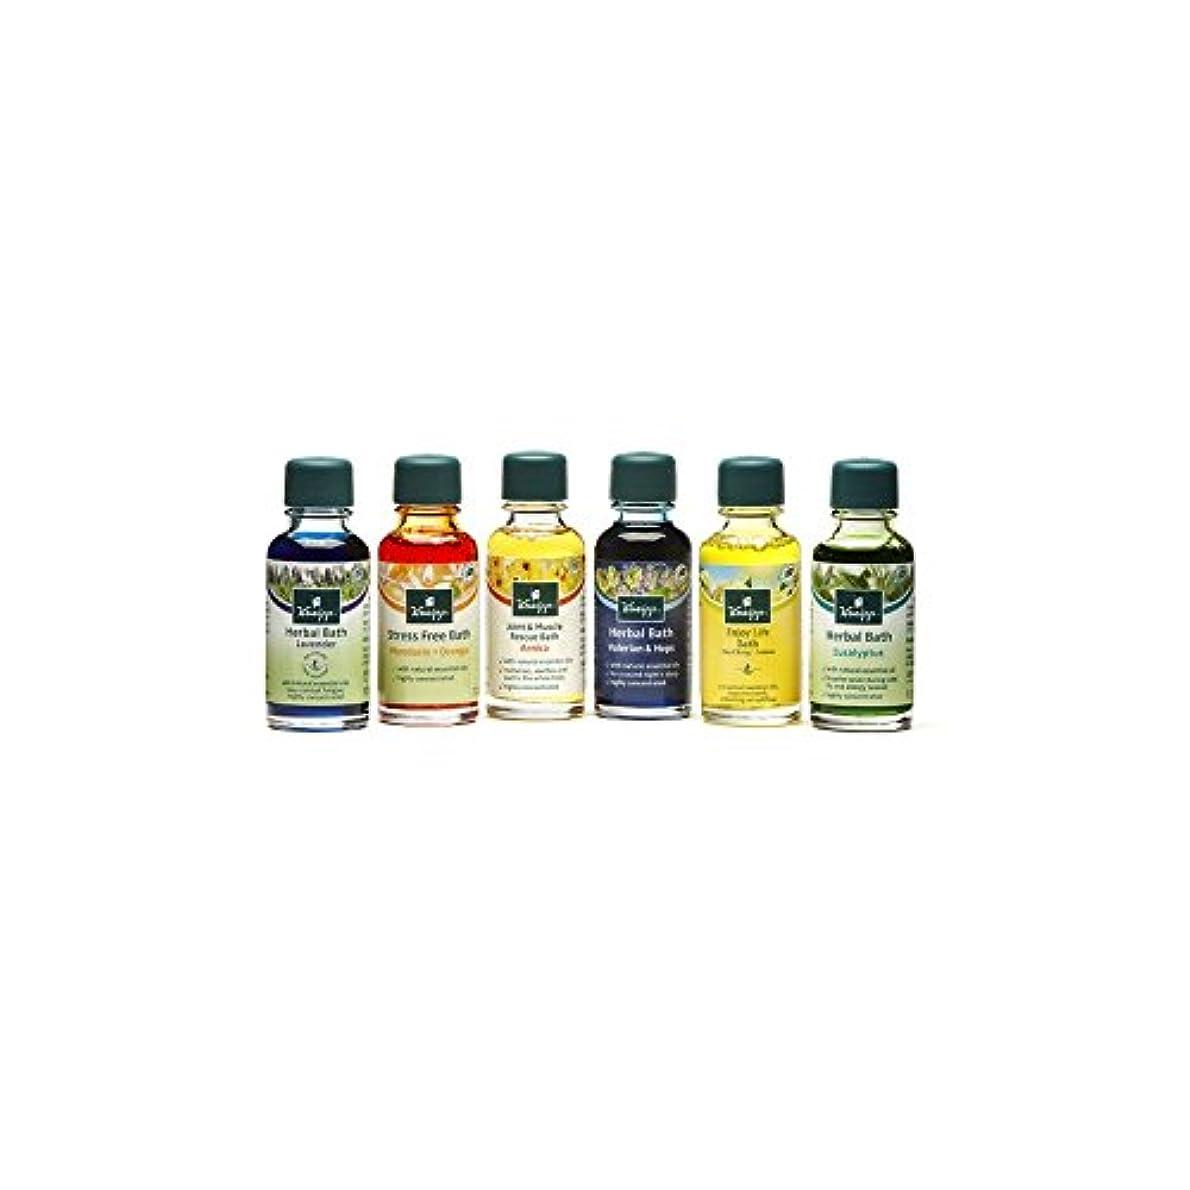 レパートリー浸透する文法Kneipp Bath Oil Collection (6 x 20ml) - クナイプバスオイルコレクション(6×20ミリリットル) [並行輸入品]